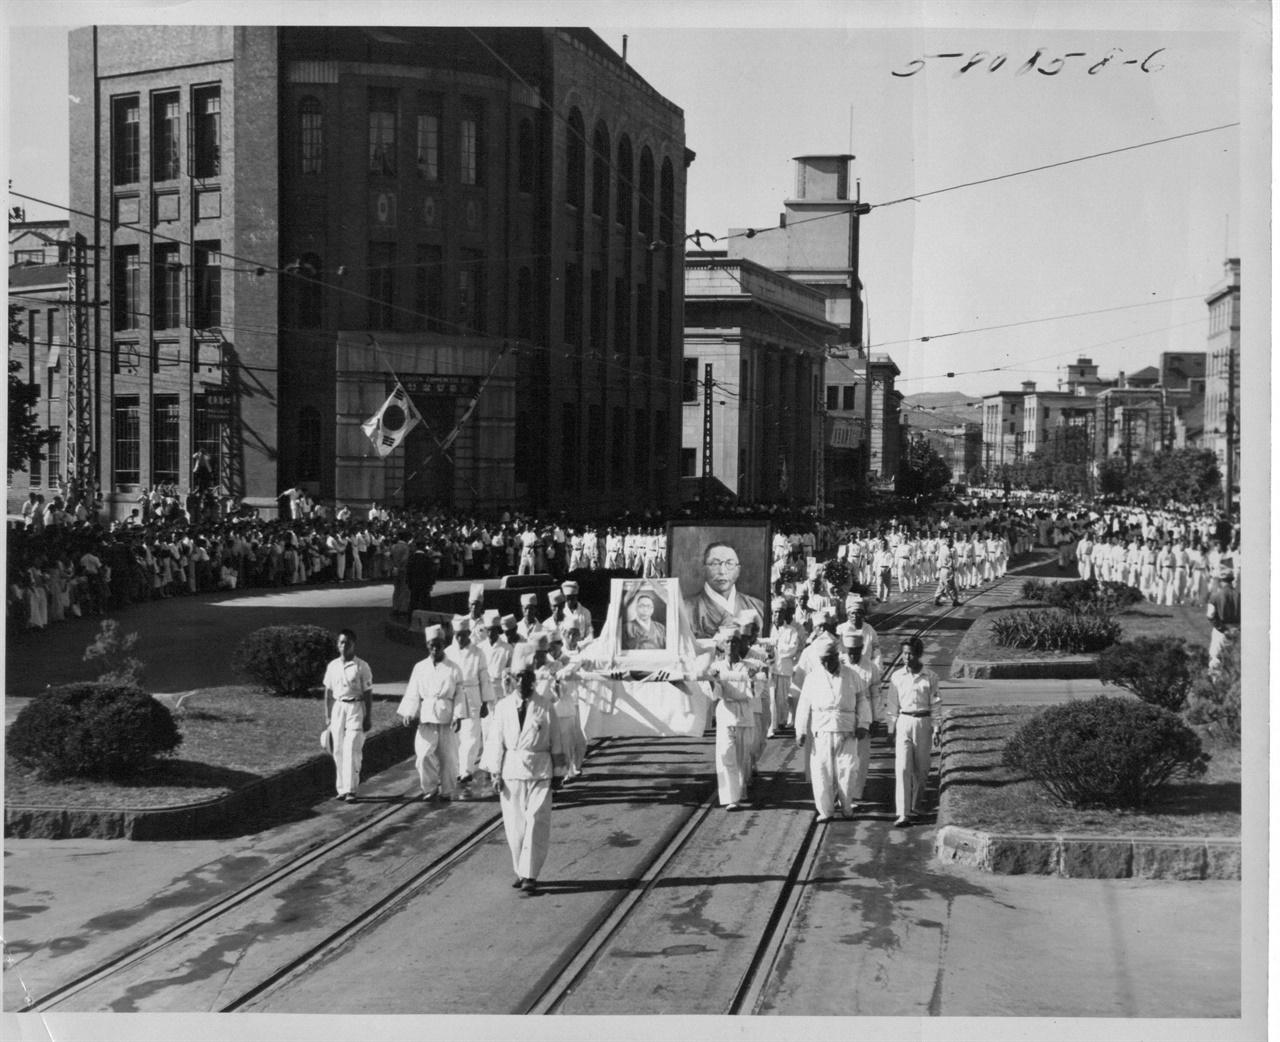 백범 김구 장의 행렬이 남대문로를 지나고 있다(1949. 7. 5.)